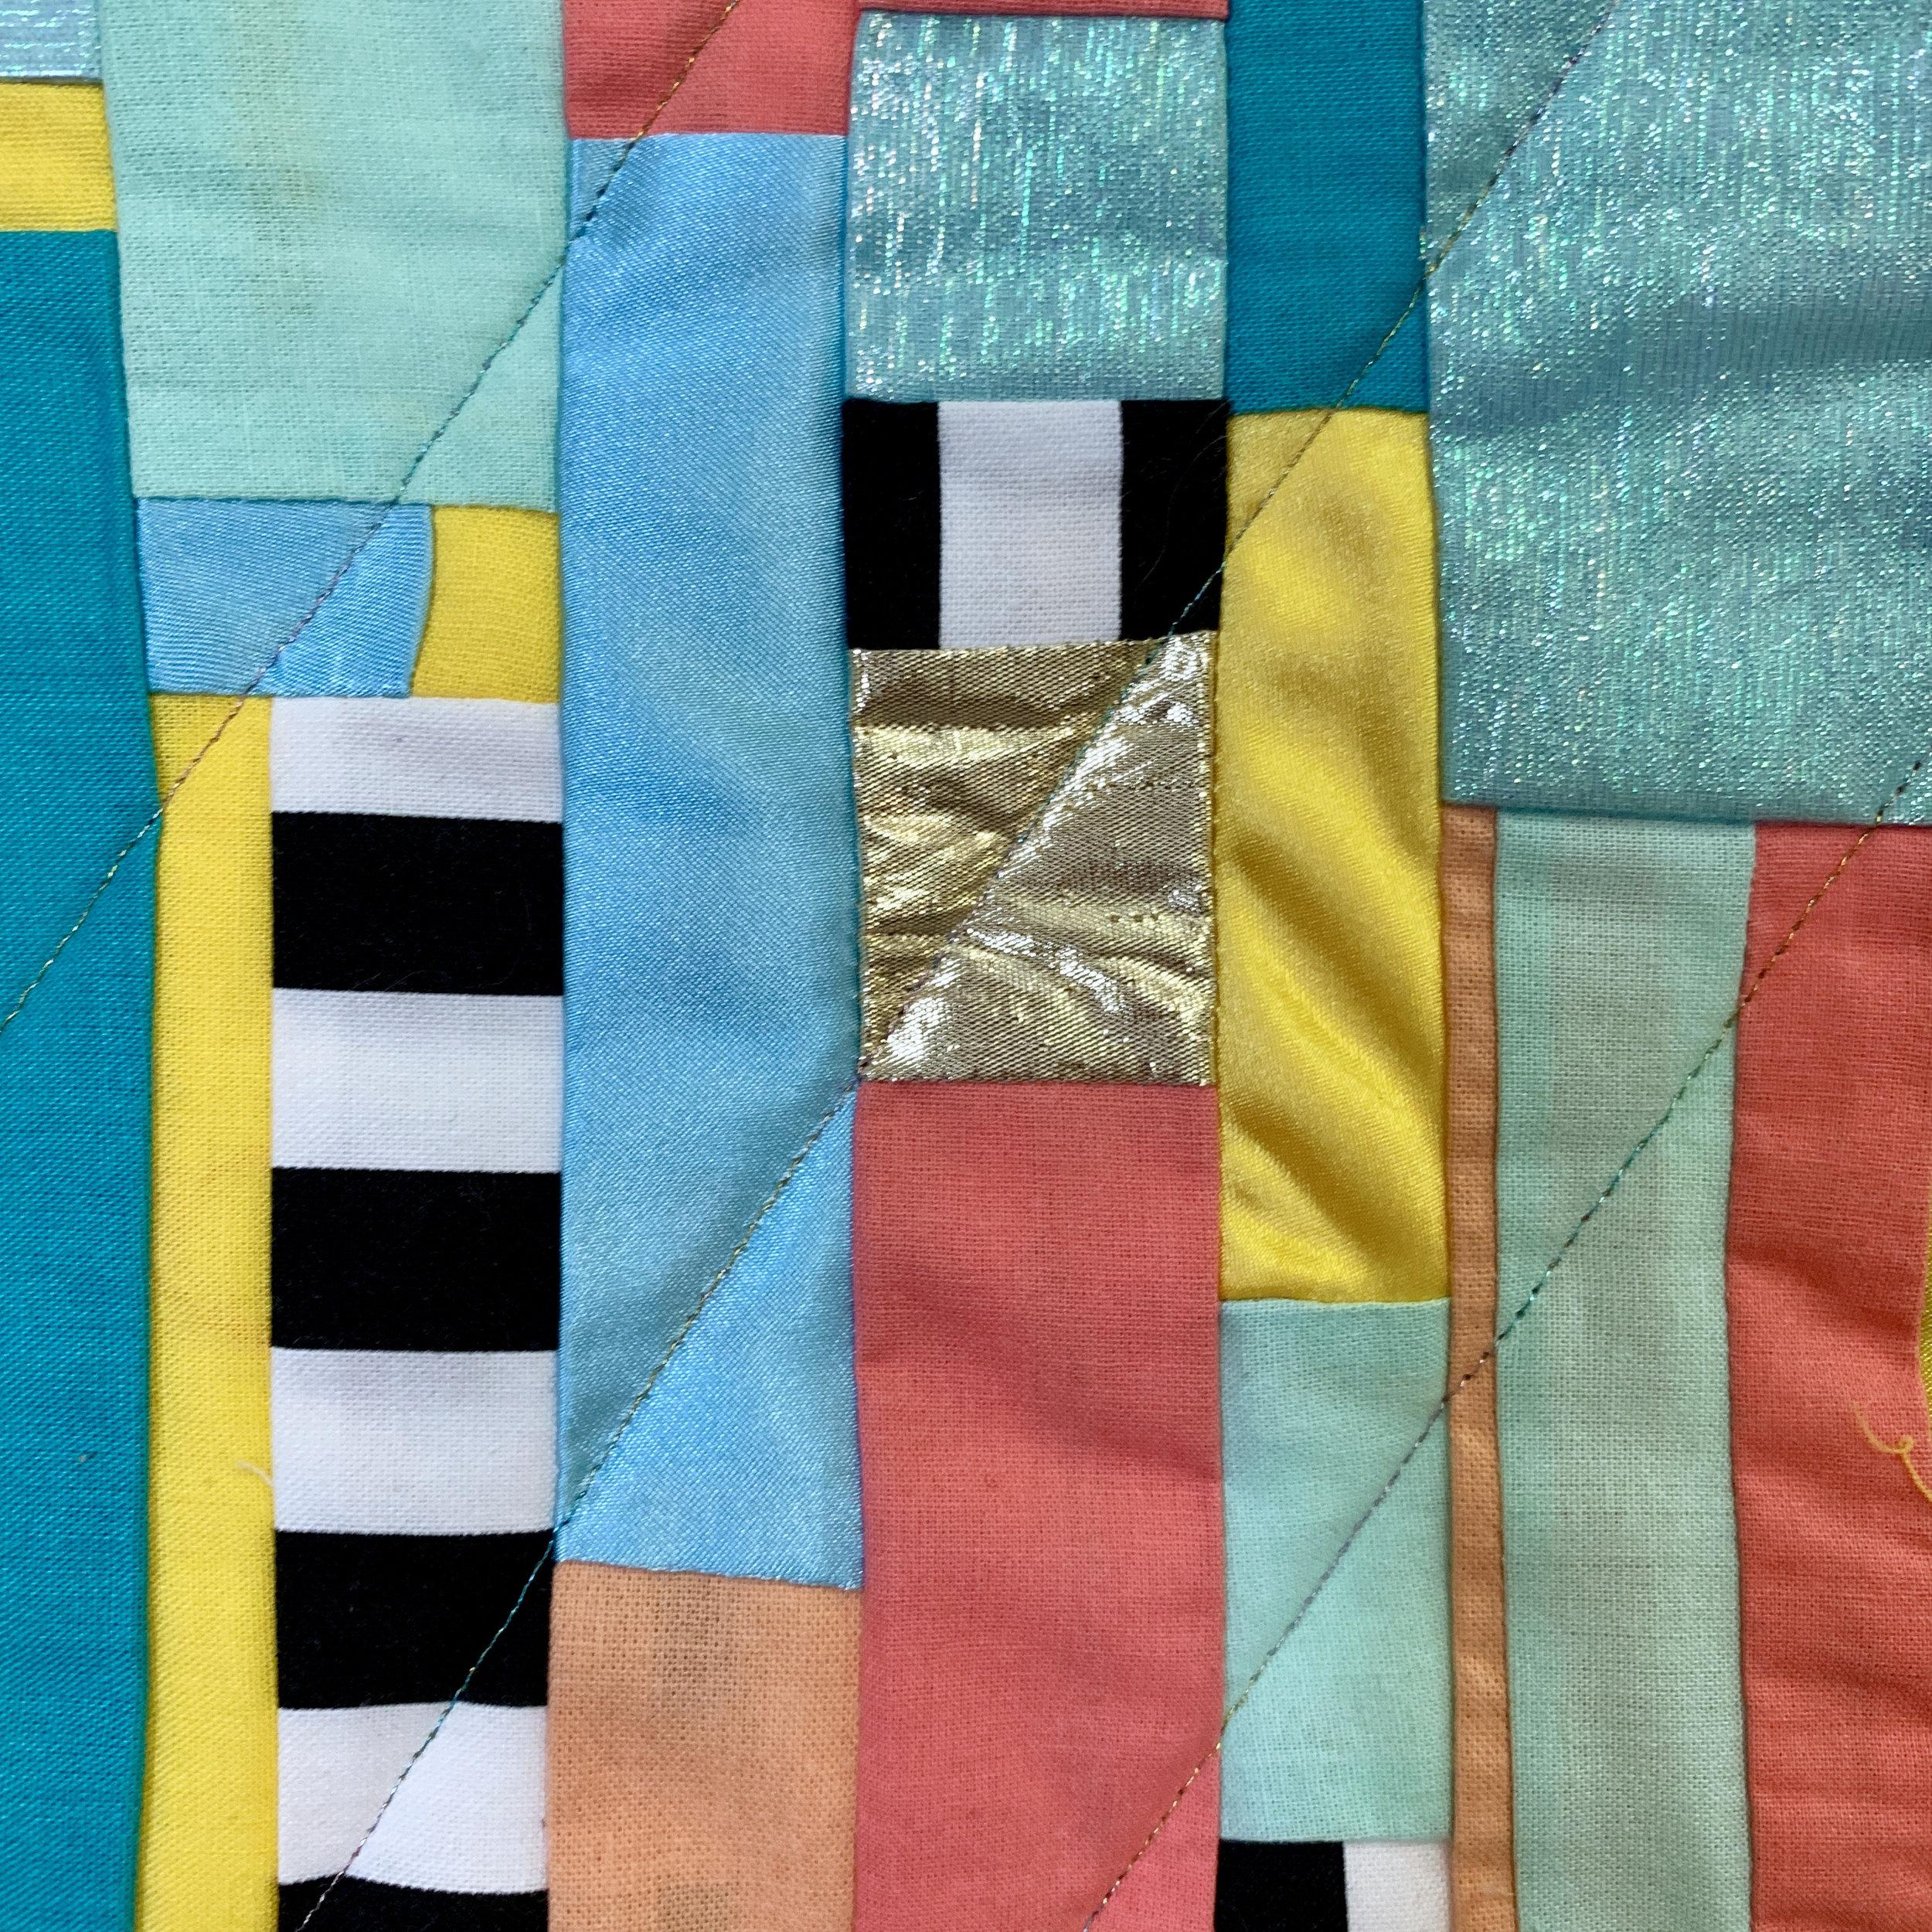 Detail of the quilt by Farron Kilburn